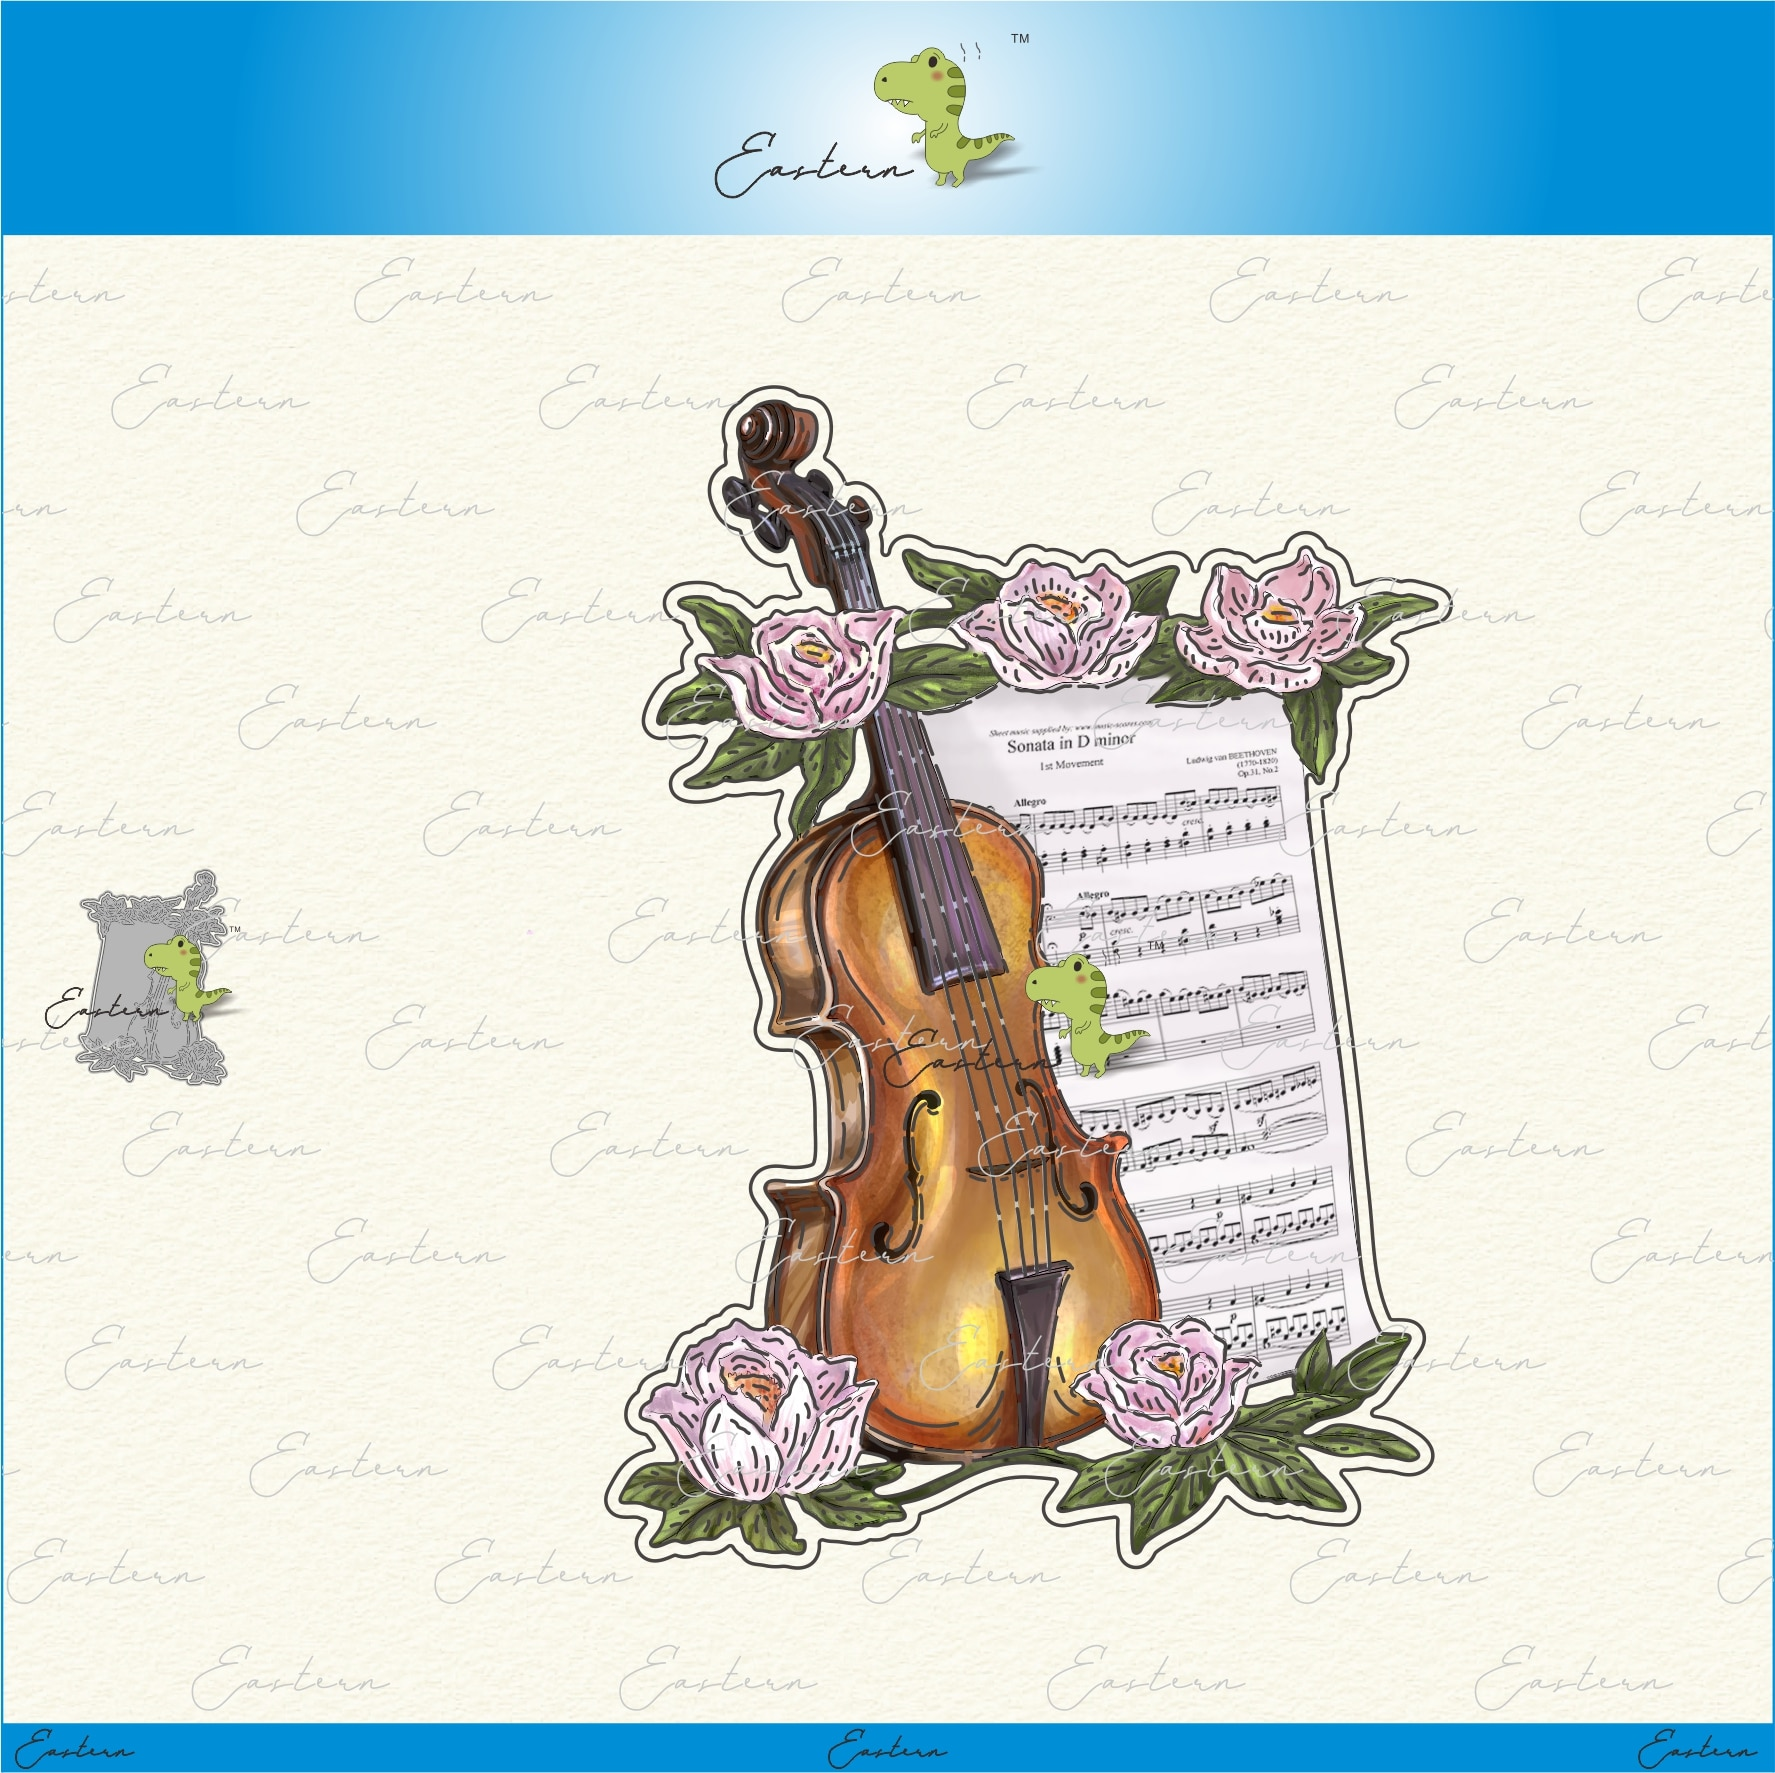 Металлические пресс-формы для скрипки, новинка 2021, формы «сделай сам» для скрапбукинга, изготовления бумаги, высечки, ремесла